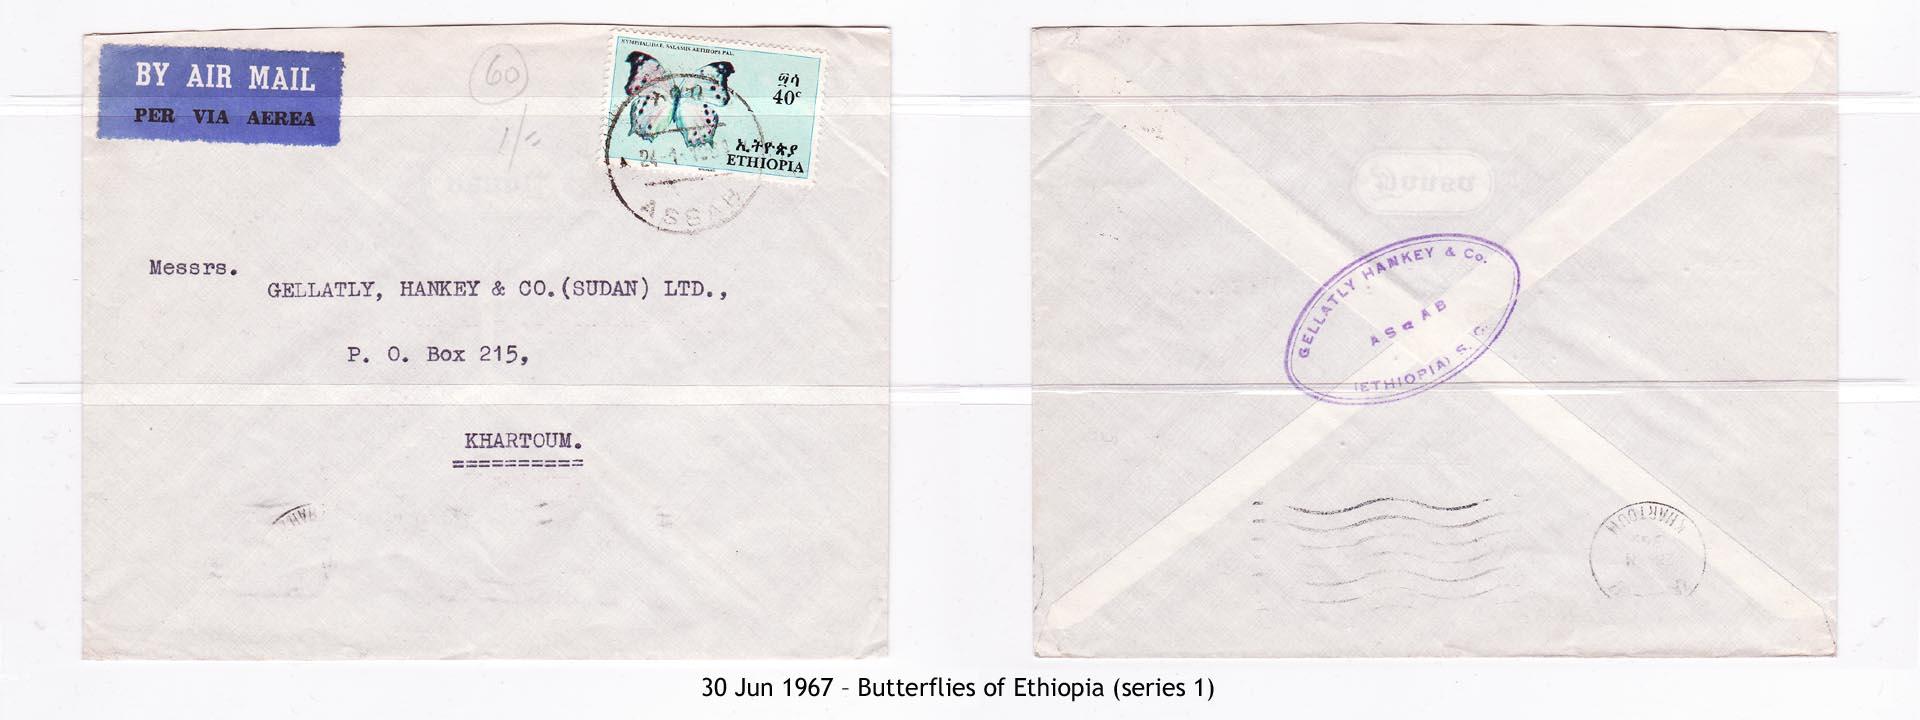 19670630 – Butterflies of Ethiopia (series 1)